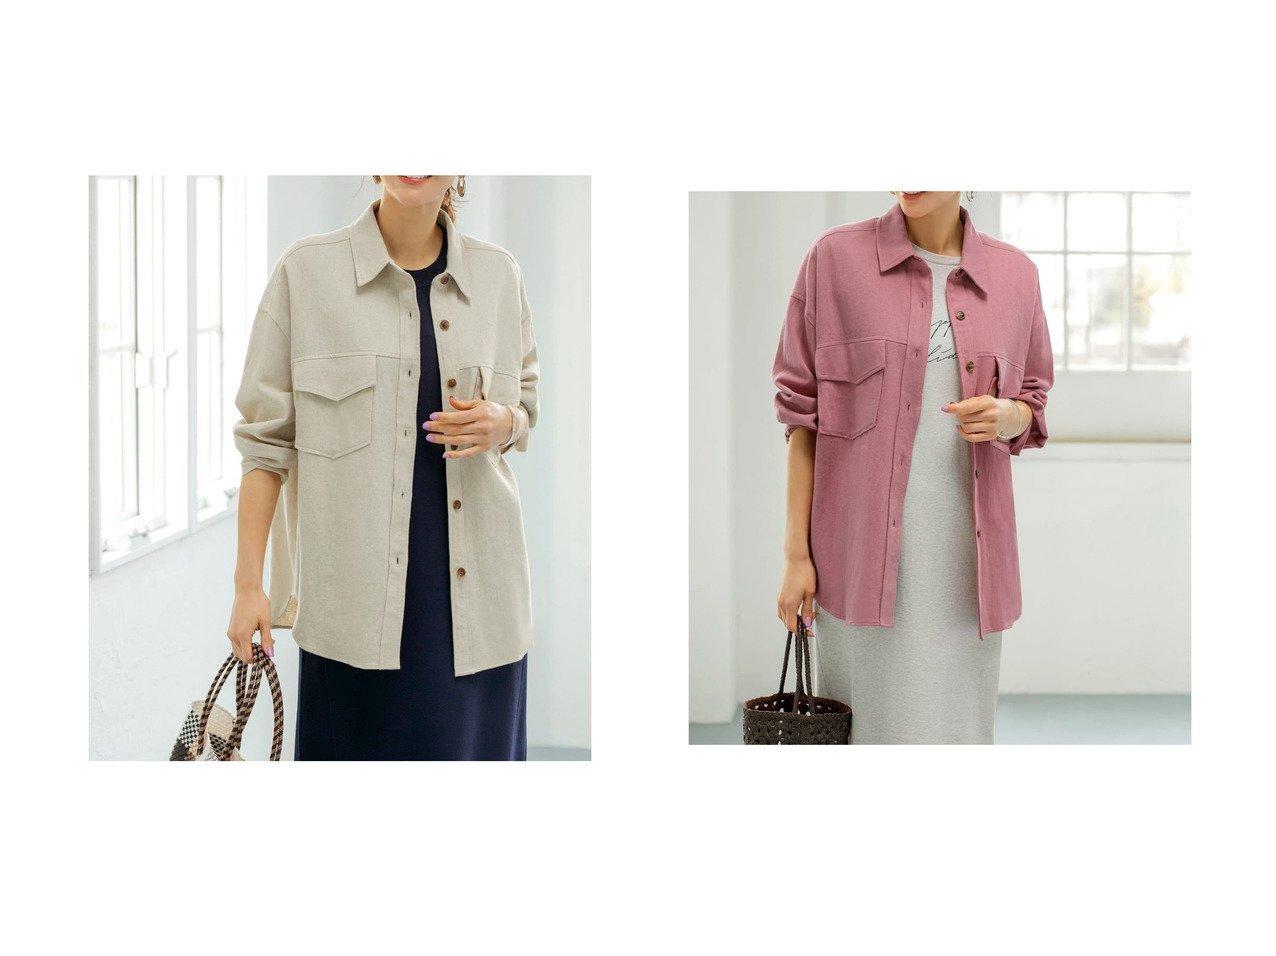 【STYLE DELI/スタイルデリ】の綿麻ツイルシャツジャケット 【アウター】おすすめ!人気、トレンド・レディースファッションの通販 おすすめで人気の流行・トレンド、ファッションの通販商品 インテリア・家具・メンズファッション・キッズファッション・レディースファッション・服の通販 founy(ファニー) https://founy.com/ ファッション Fashion レディースファッション WOMEN アウター Coat Outerwear ジャケット Jackets カフス ショルダー ジャケット ツイル ドロップ フラップ ポケット マーブル ヨーク ラウンド ルーズ ローズ 夏 Summer  ID:crp329100000058654